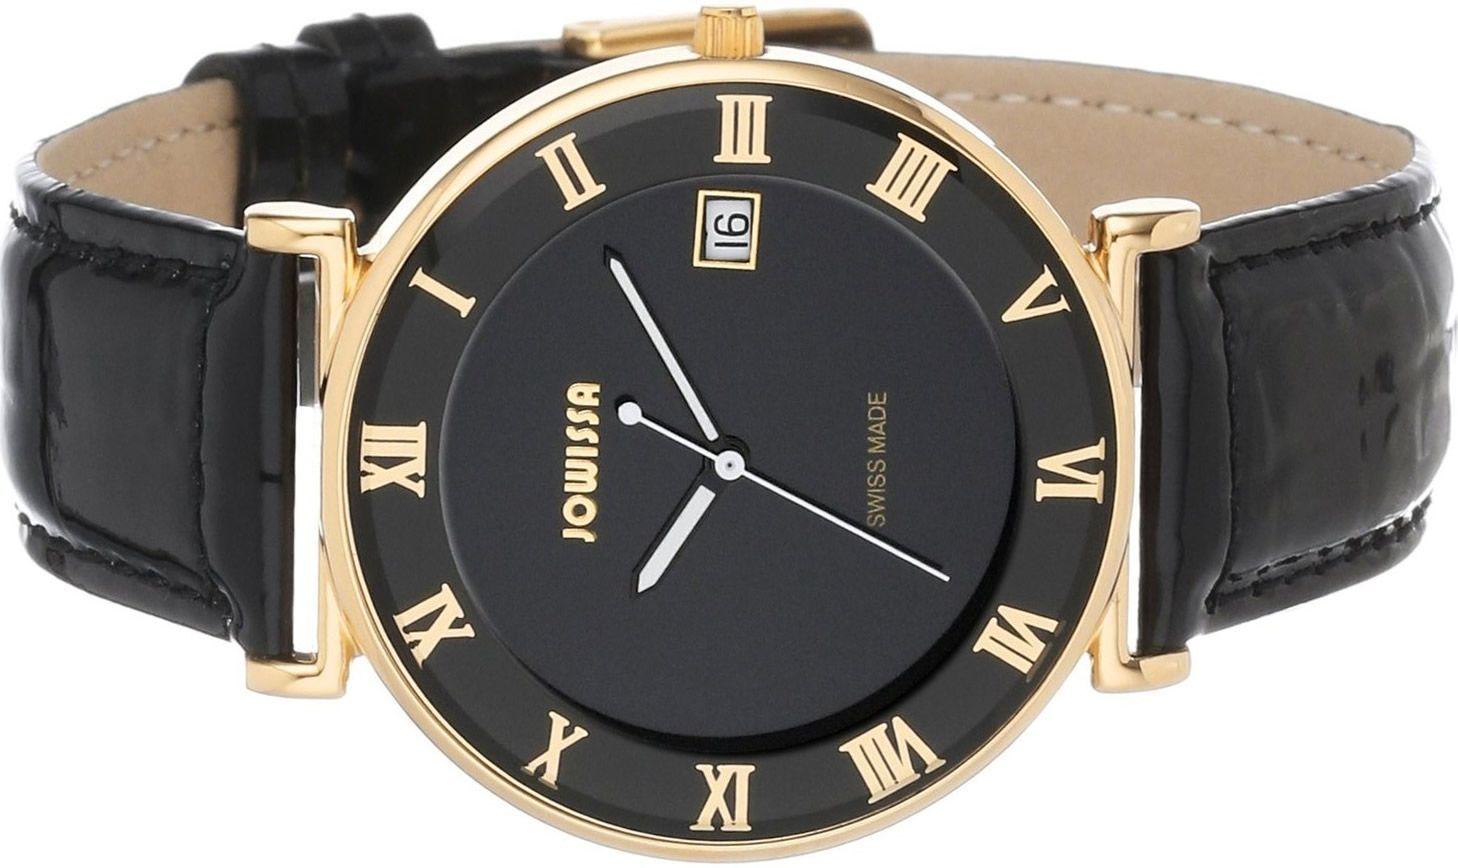 Наручные часы jowissa выделяются своим восхитительным внешним видом, цветовой гаммой и необычными орнаментами.